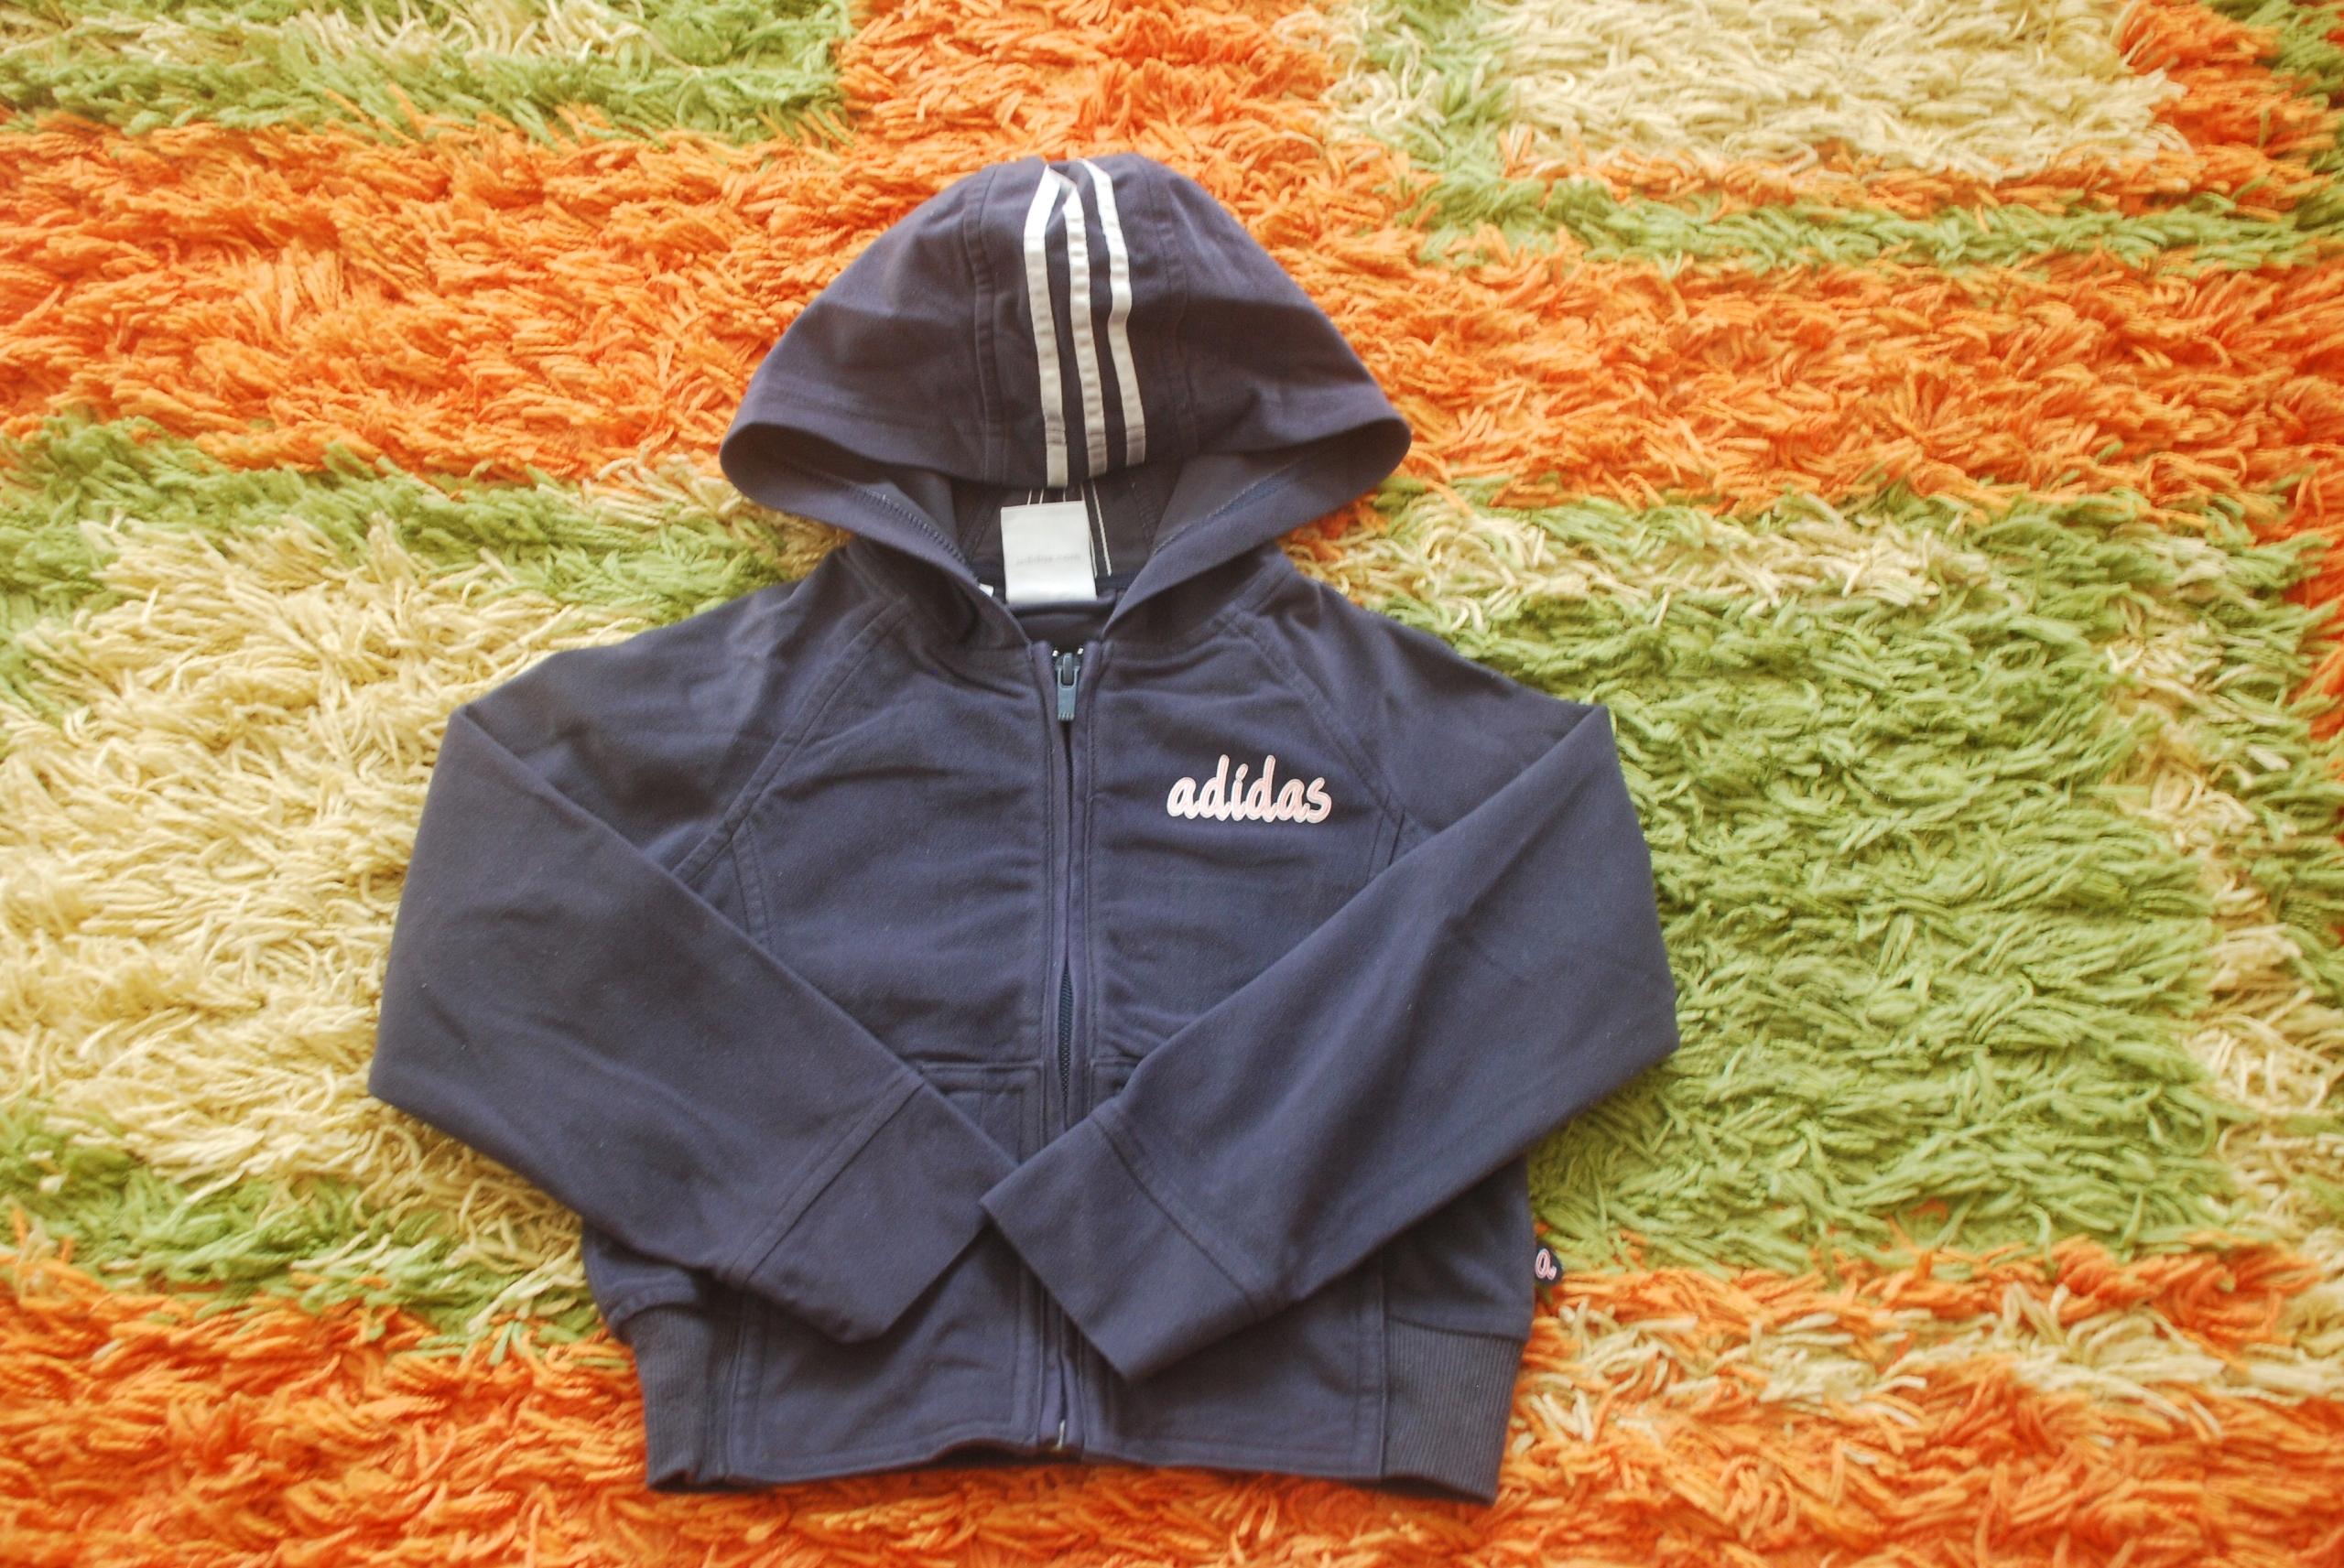 allegro bluza dziecięca adidas rozmiar 140-146 cm